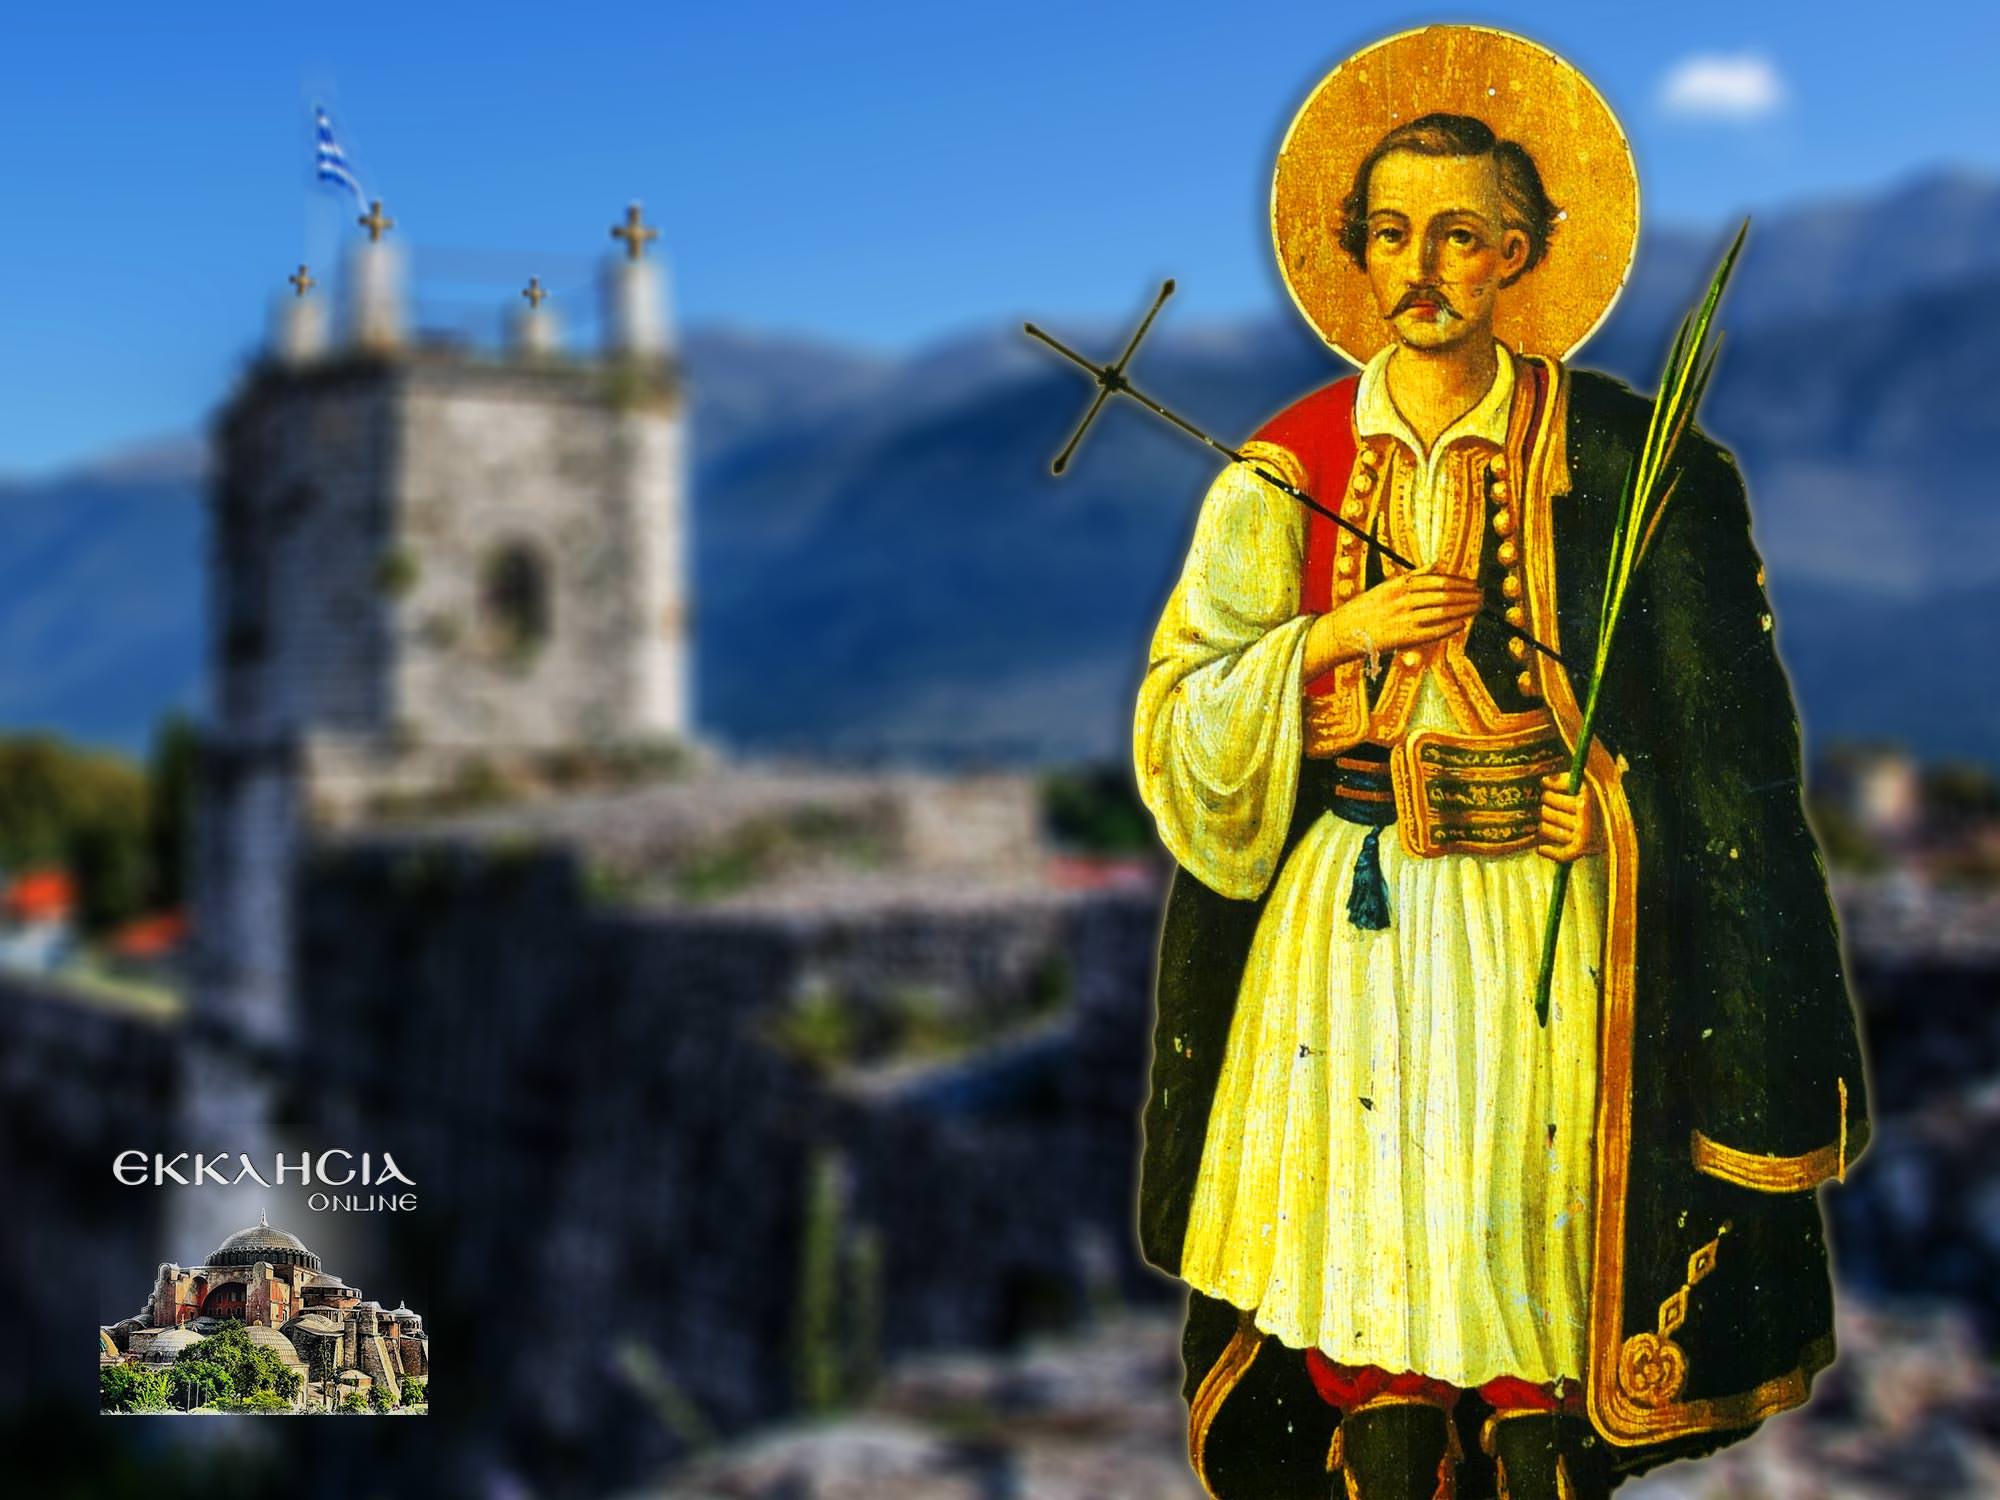 Άγιος Γεώργιος ο Νεομάρτυρας ο εξ Ιωαννίνων 17 Ιανουαρίου